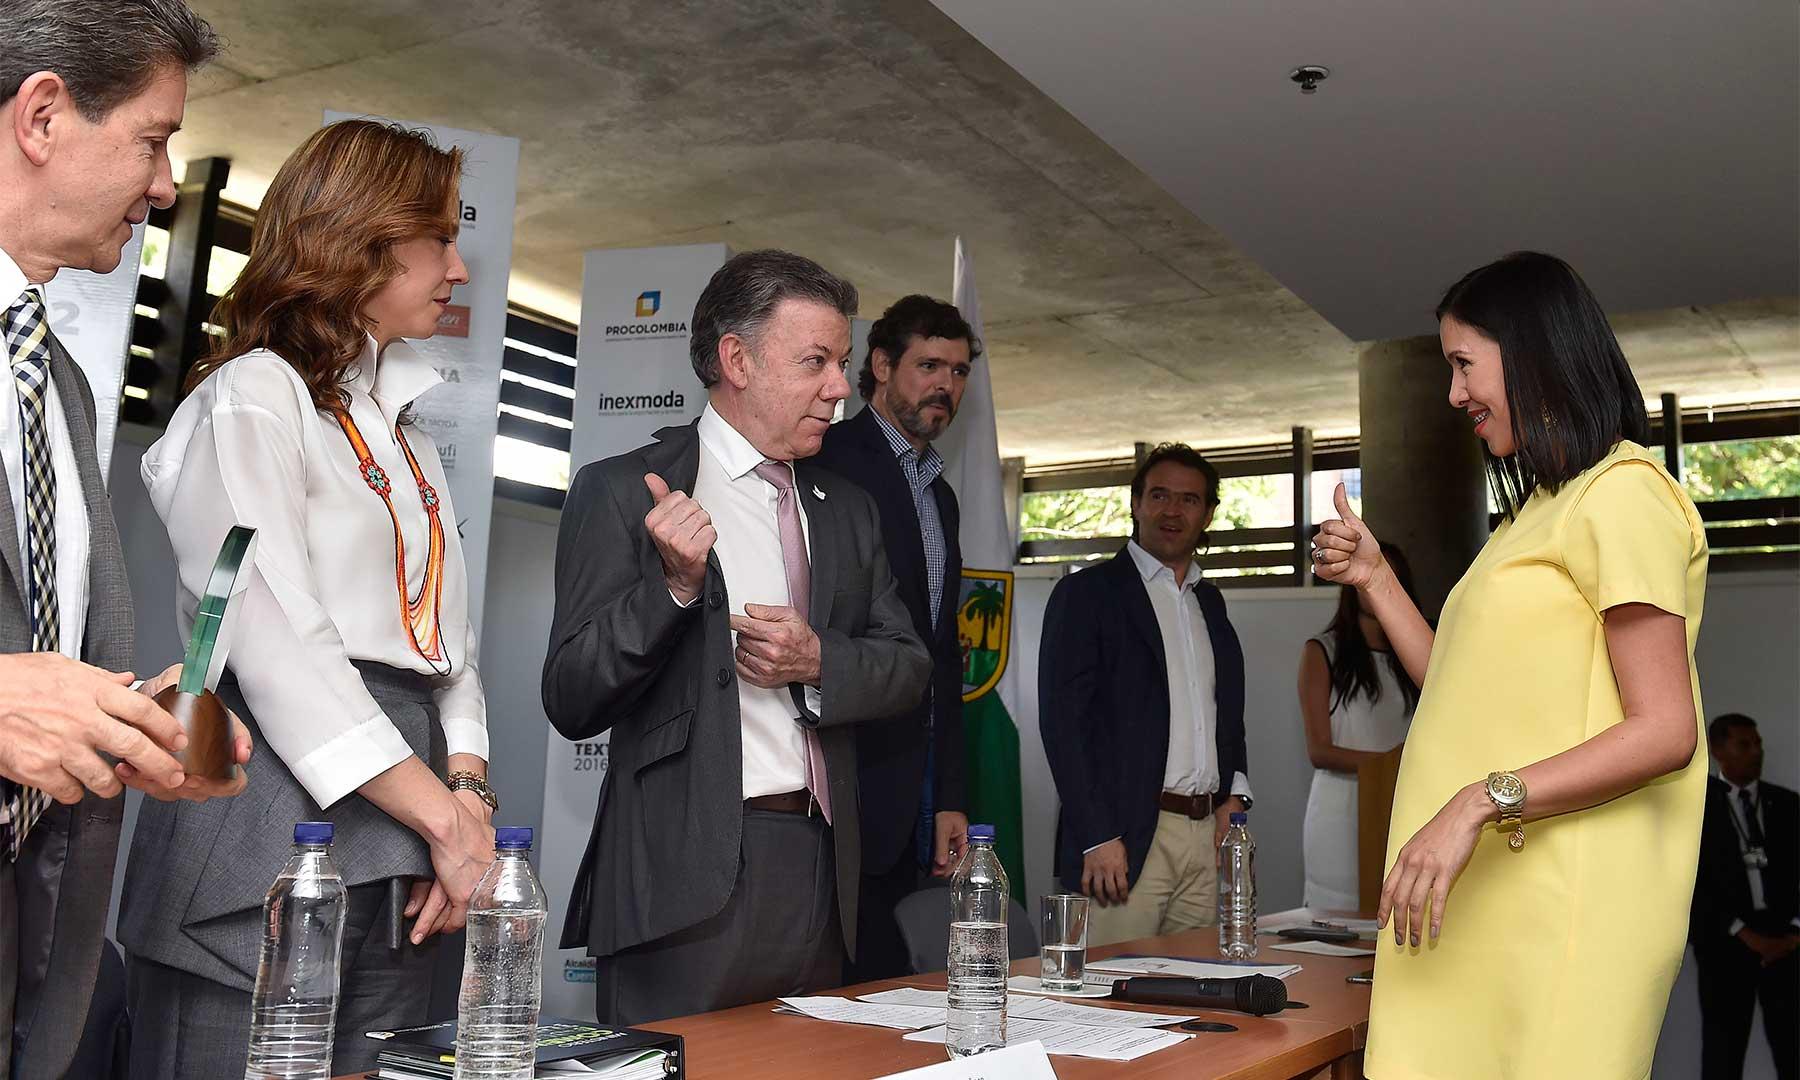 El Presidente Santos le muestra la marca de su vestido 'Arturo Calle' a Natalia Díaz, directora regional comercial de esta empresa comercializadora de ropa masculina, reconocida durante la feria de Colombiamoda, que se realiza en Medellín.